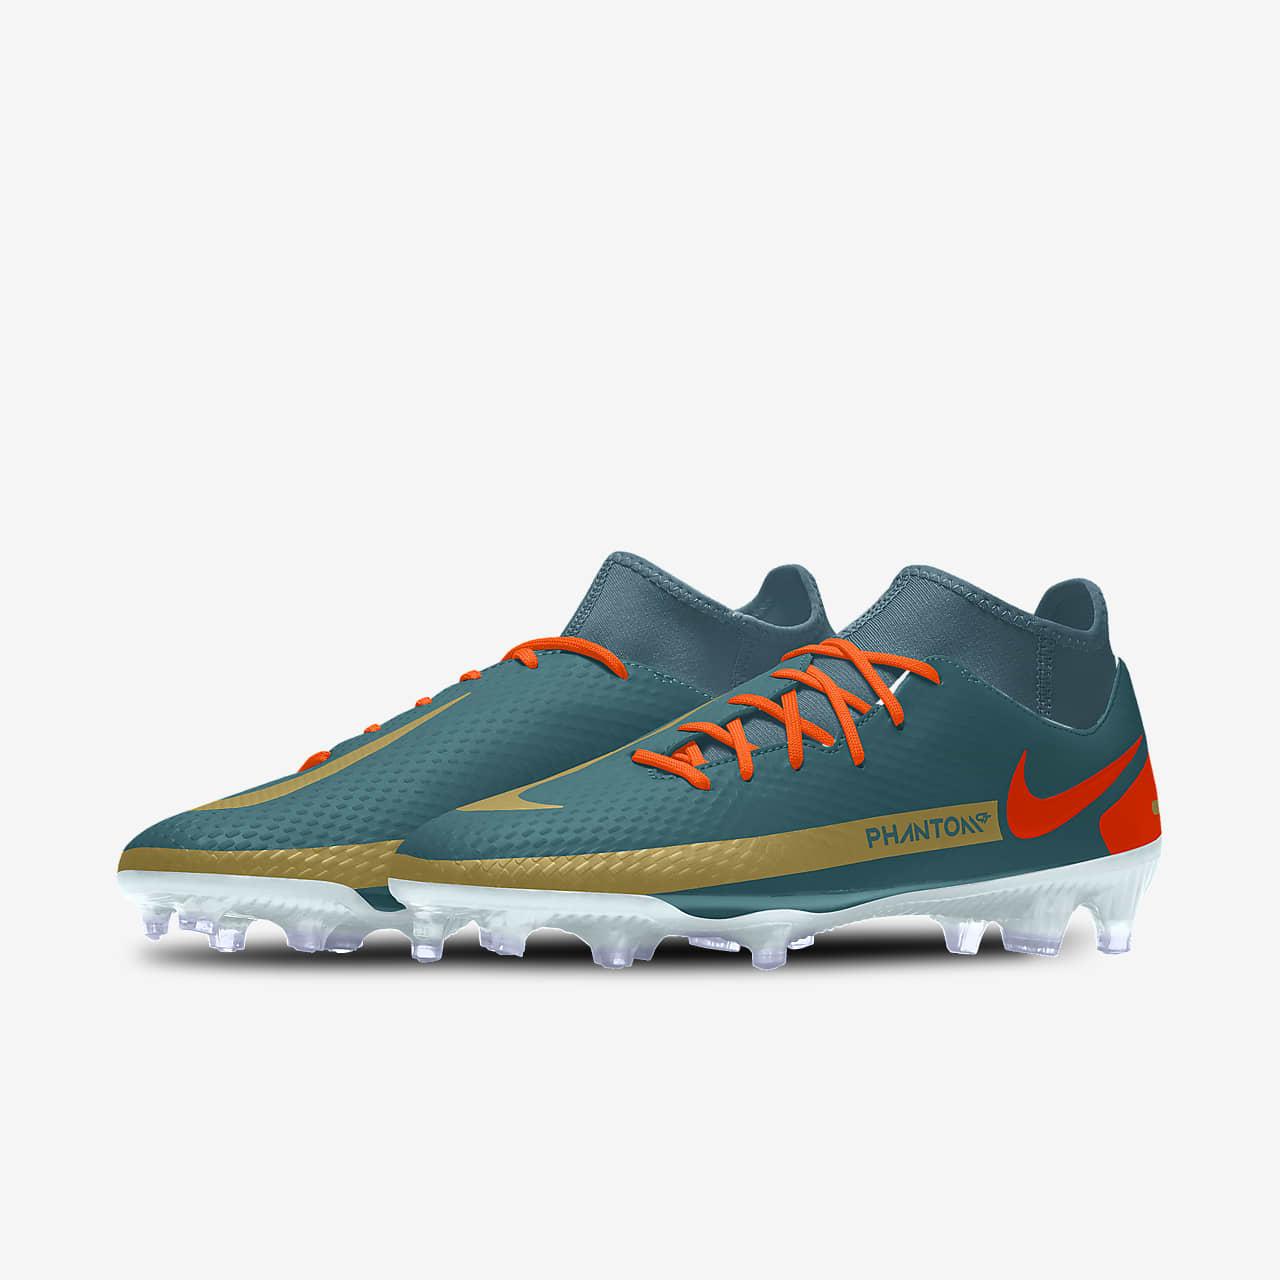 Custom Multi-Ground Football Boot. Nike LU